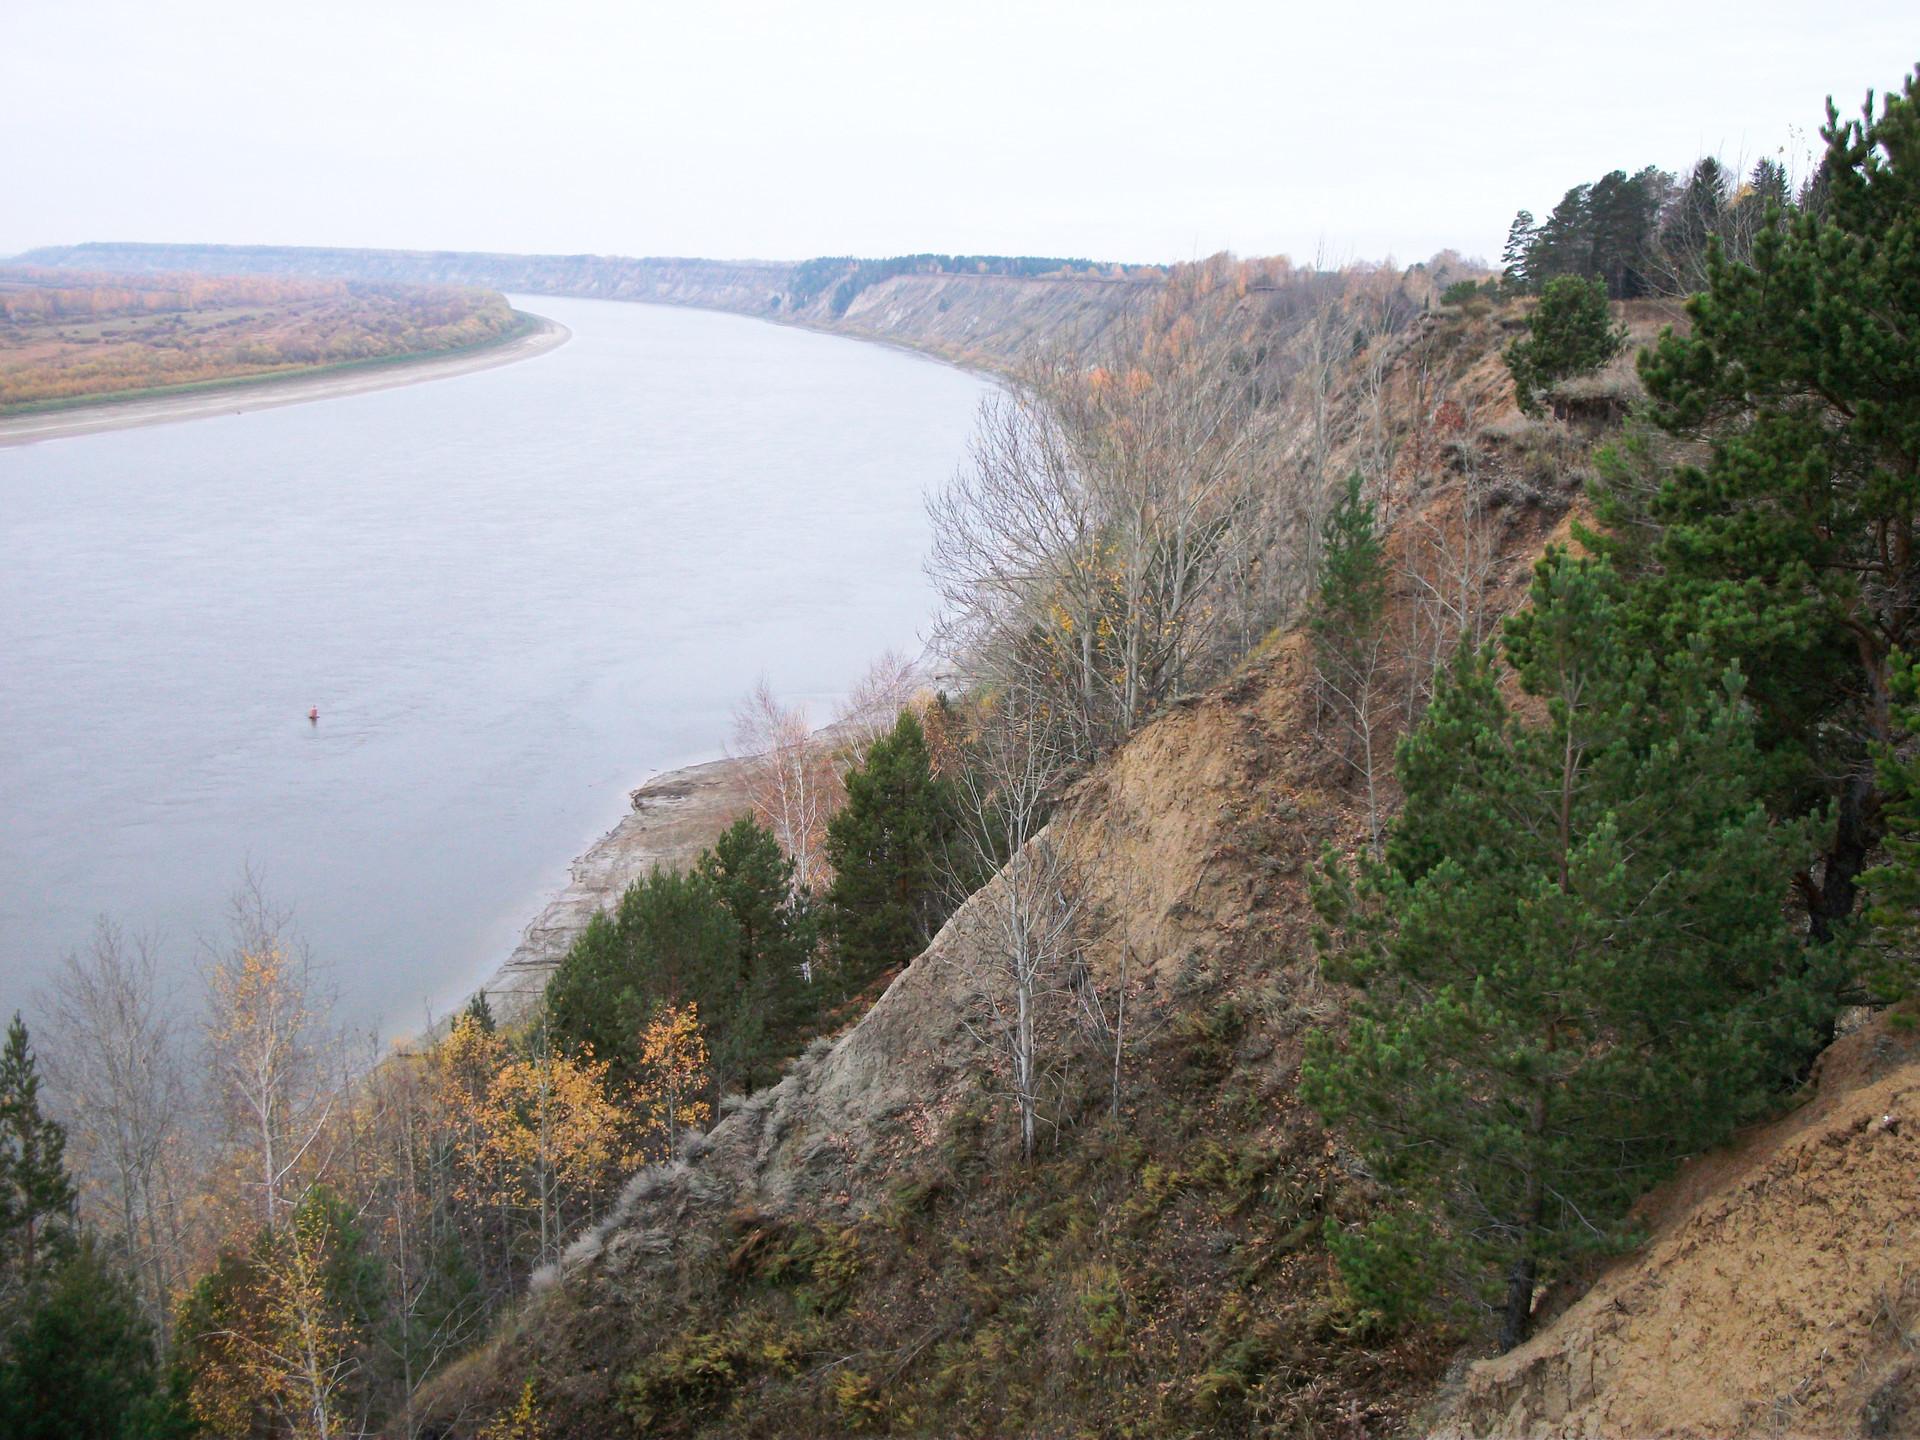 Colina onde antes ficava Kachlik (Canato da Sibéria). Região de Tiumen, Rússia